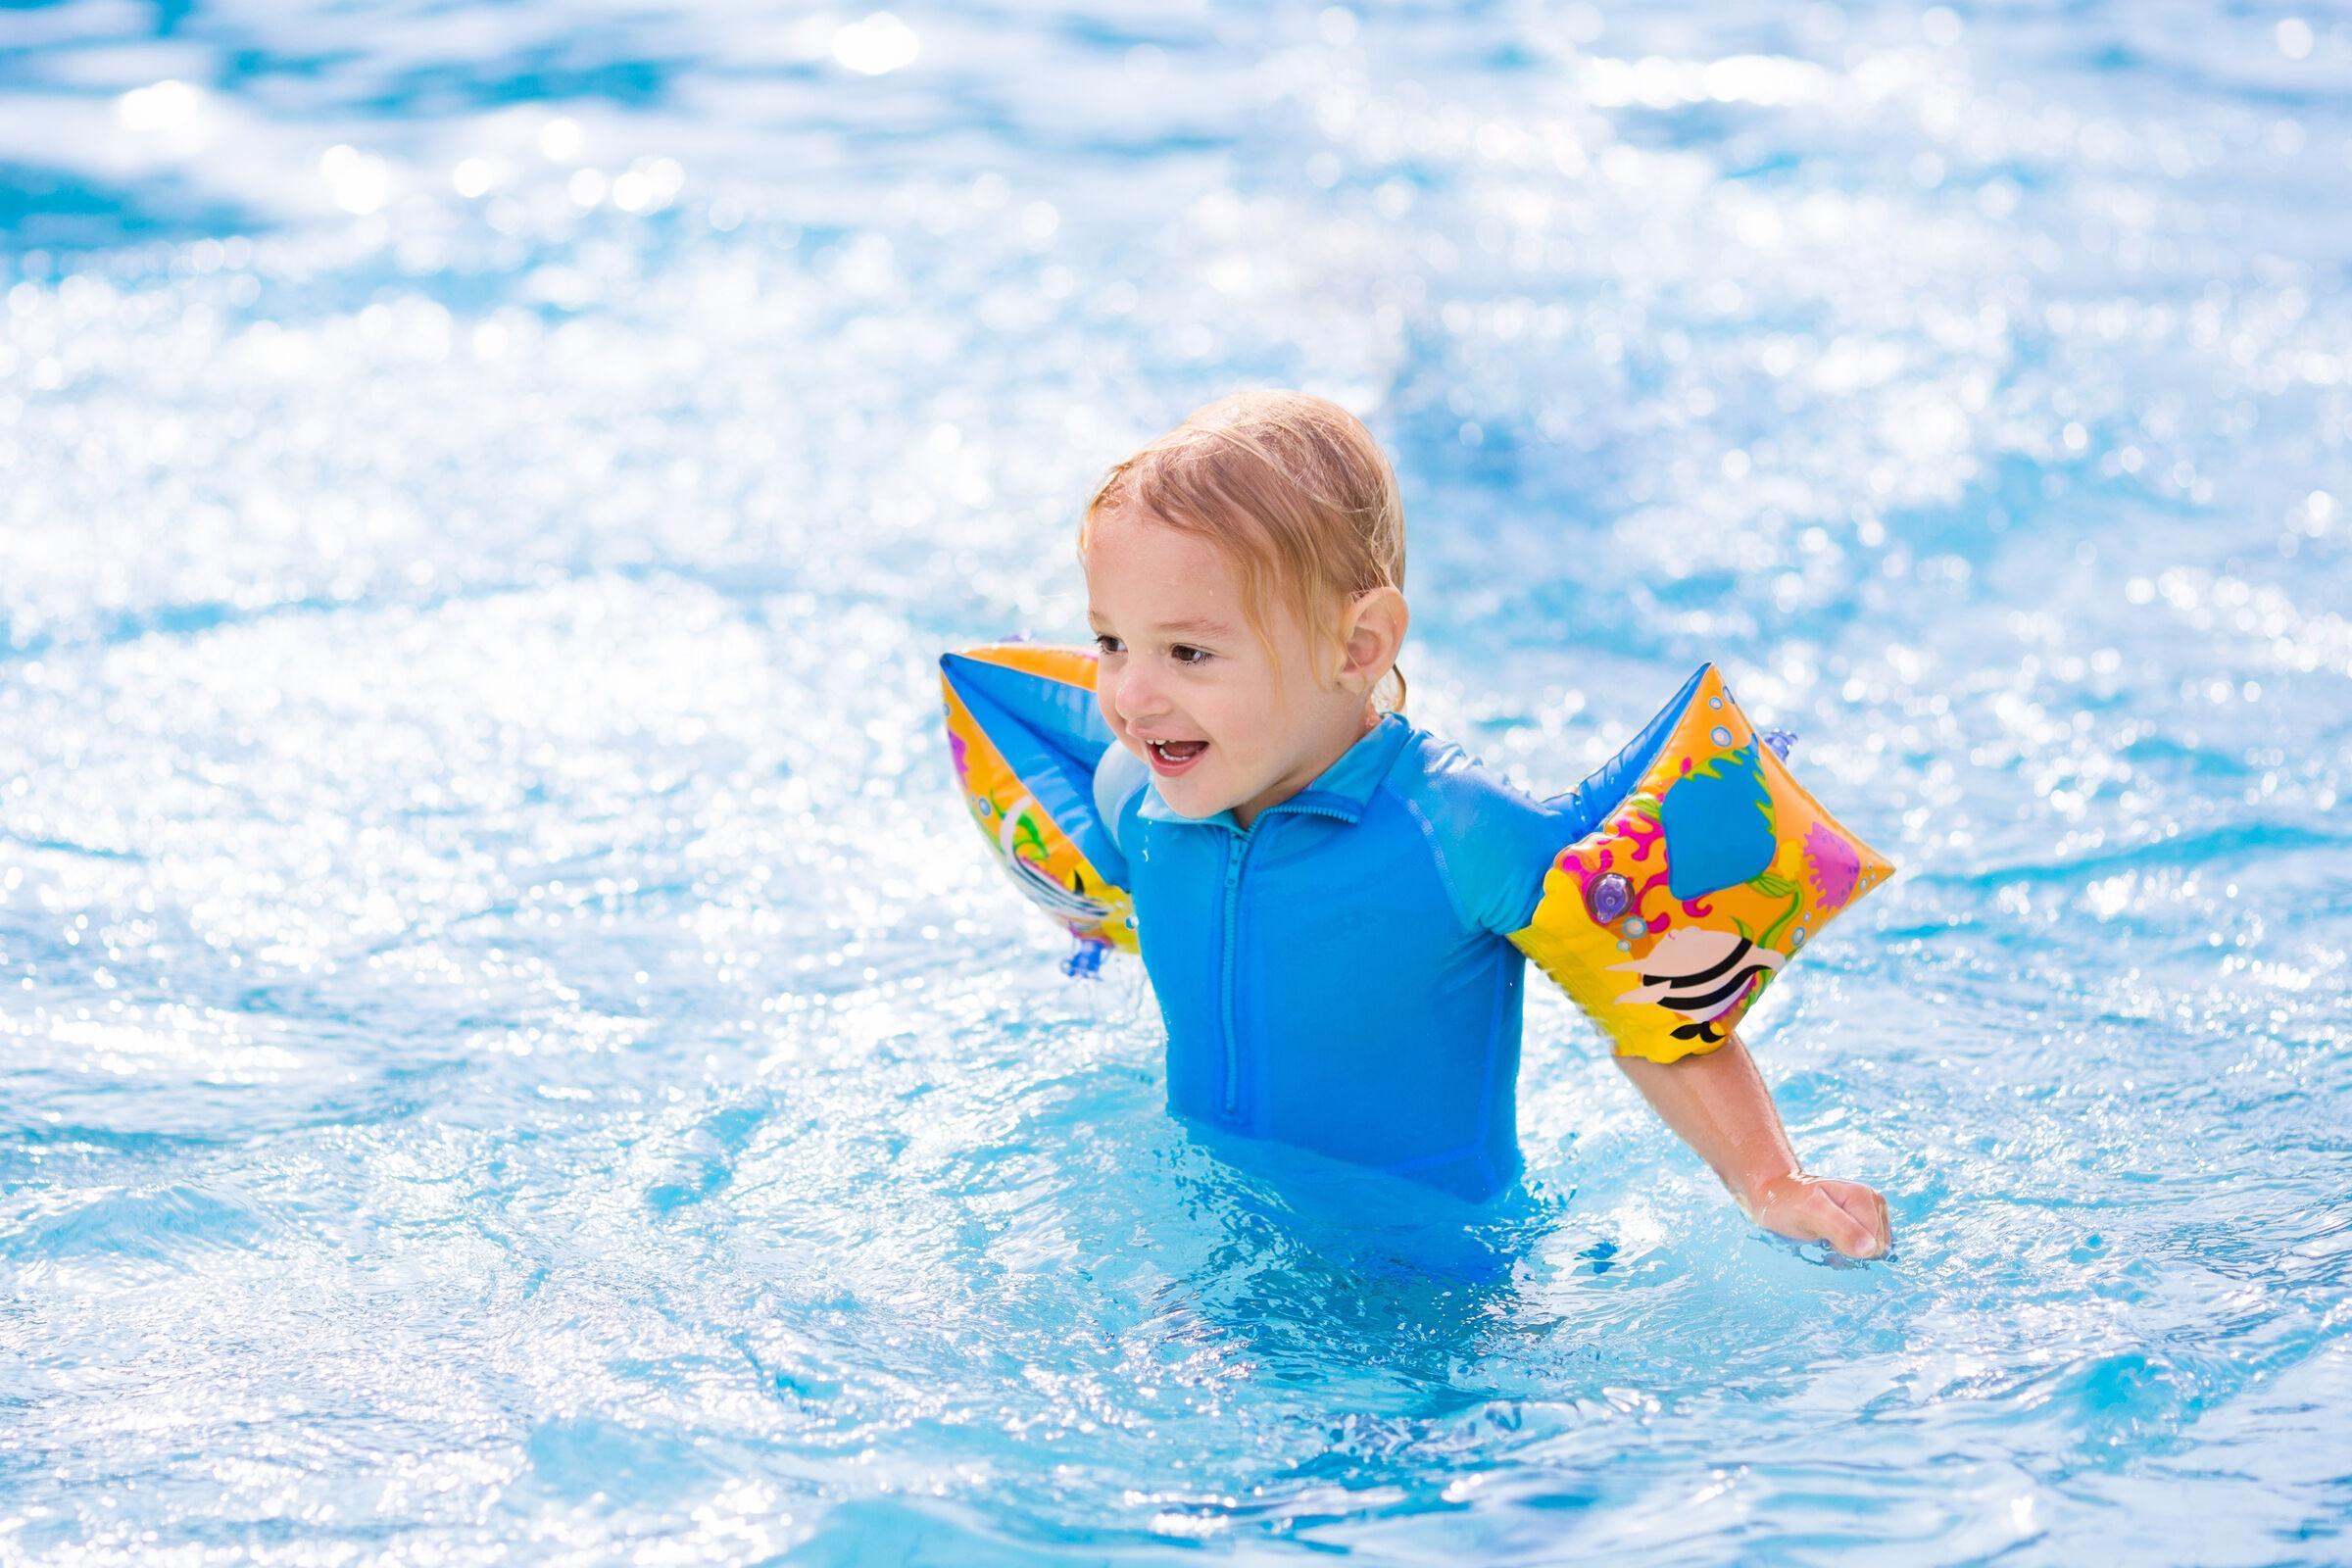 bebe-com-boia-na-piscina